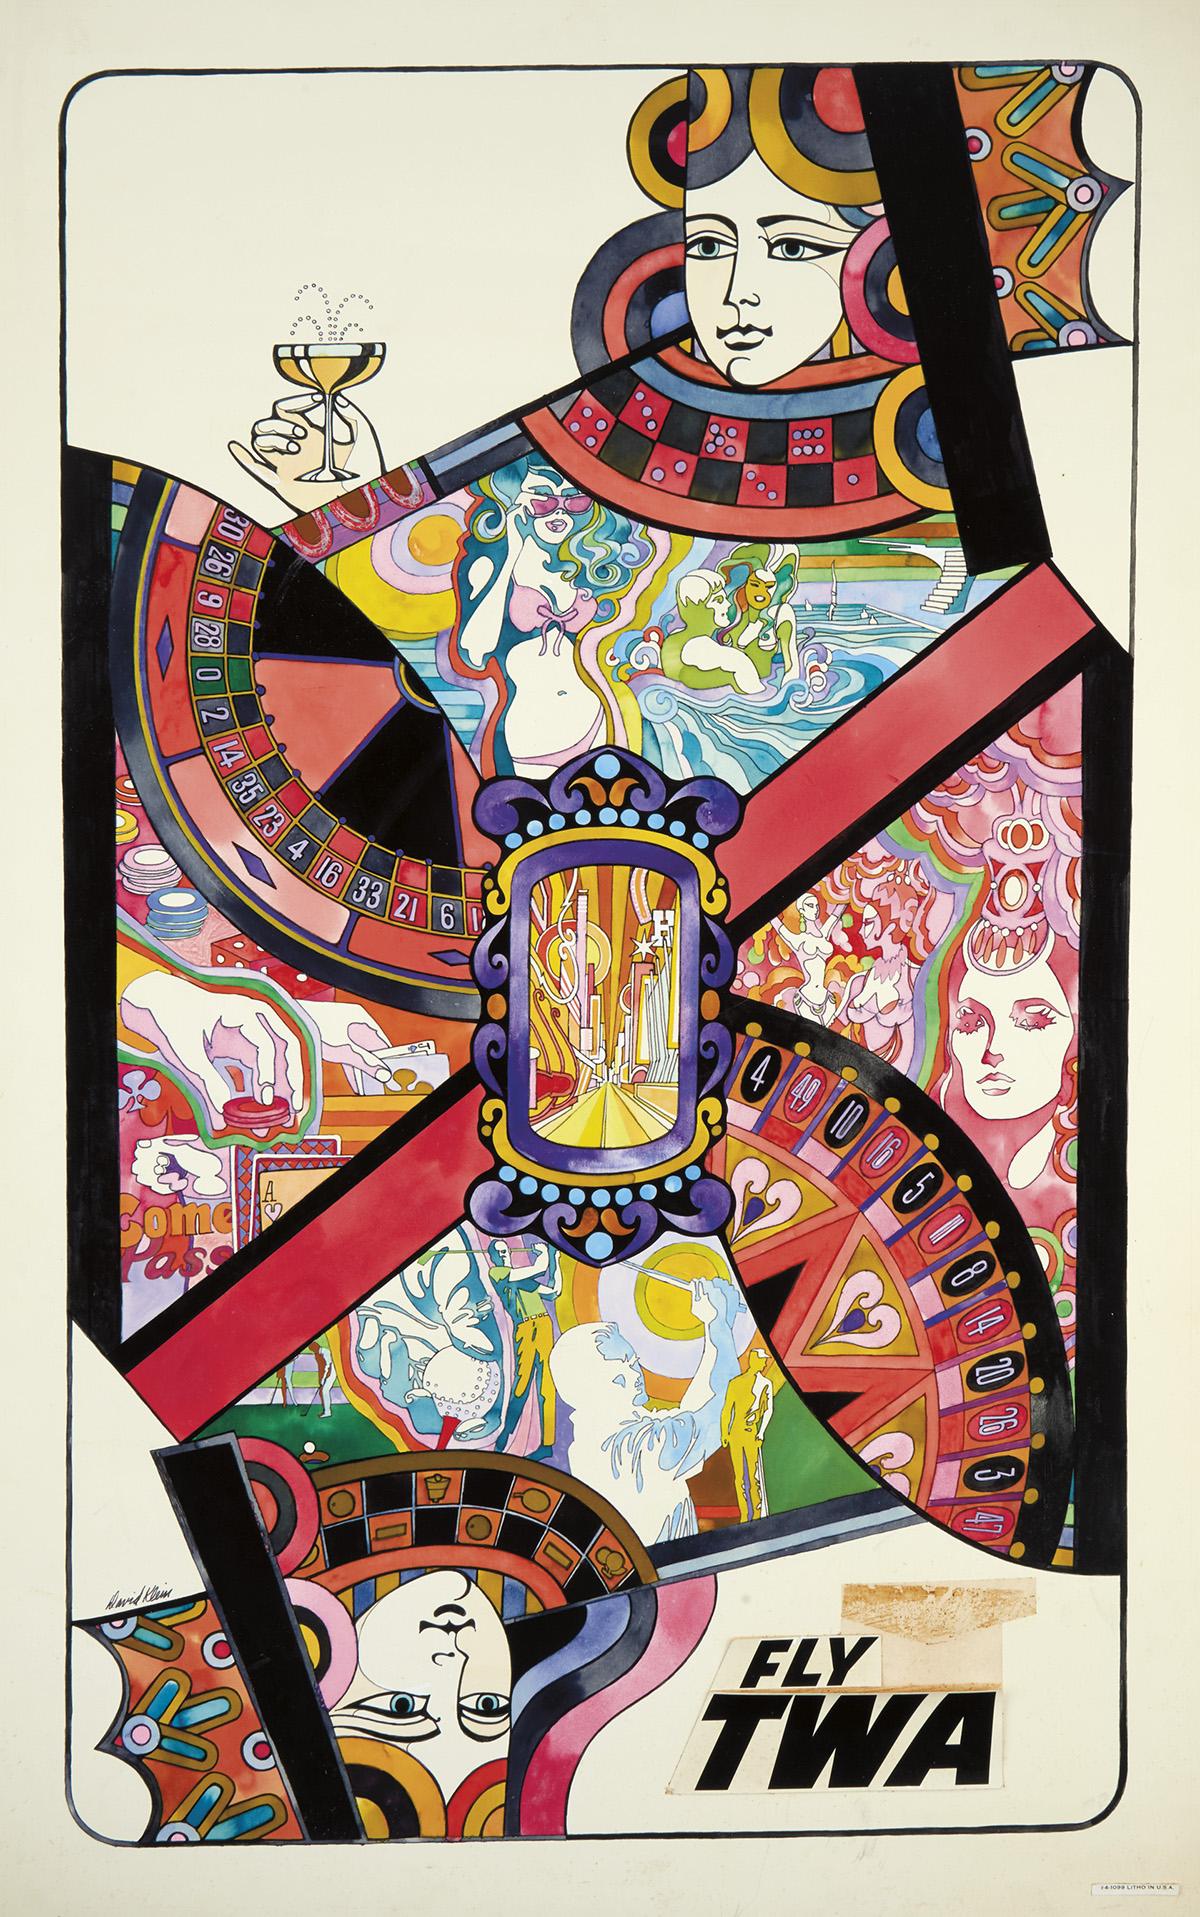 (ADVERTISING.) DAVID KLEIN. Las Vegas -- Fly TWA.